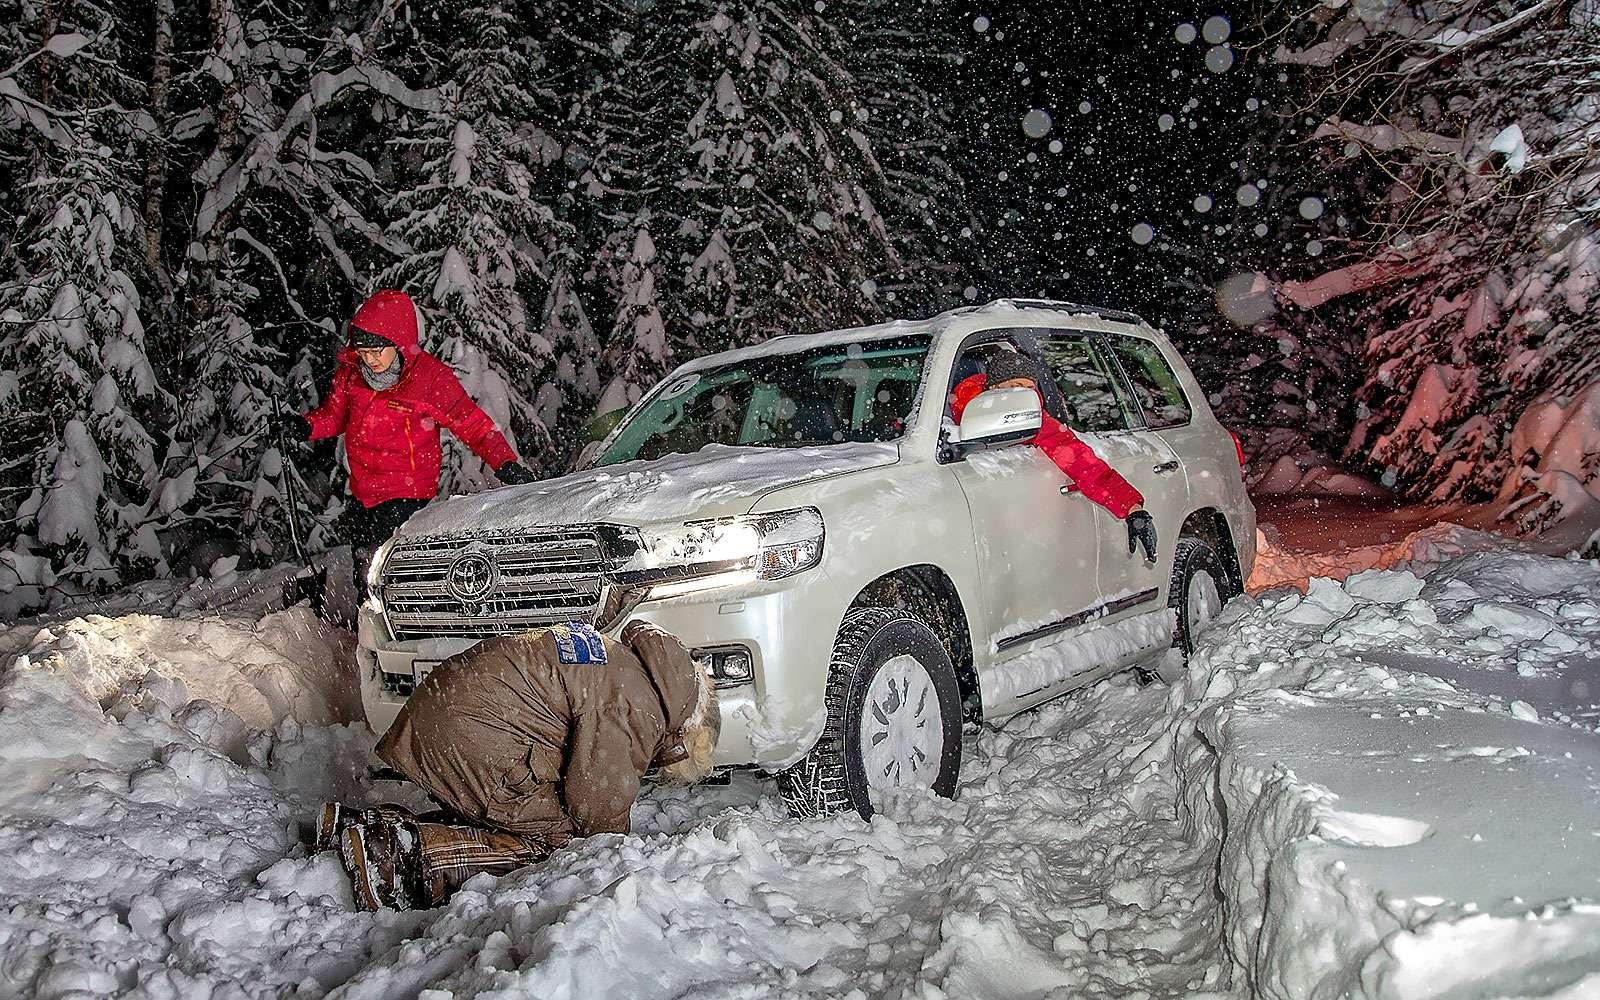 машины застрявшие в снегу обычно